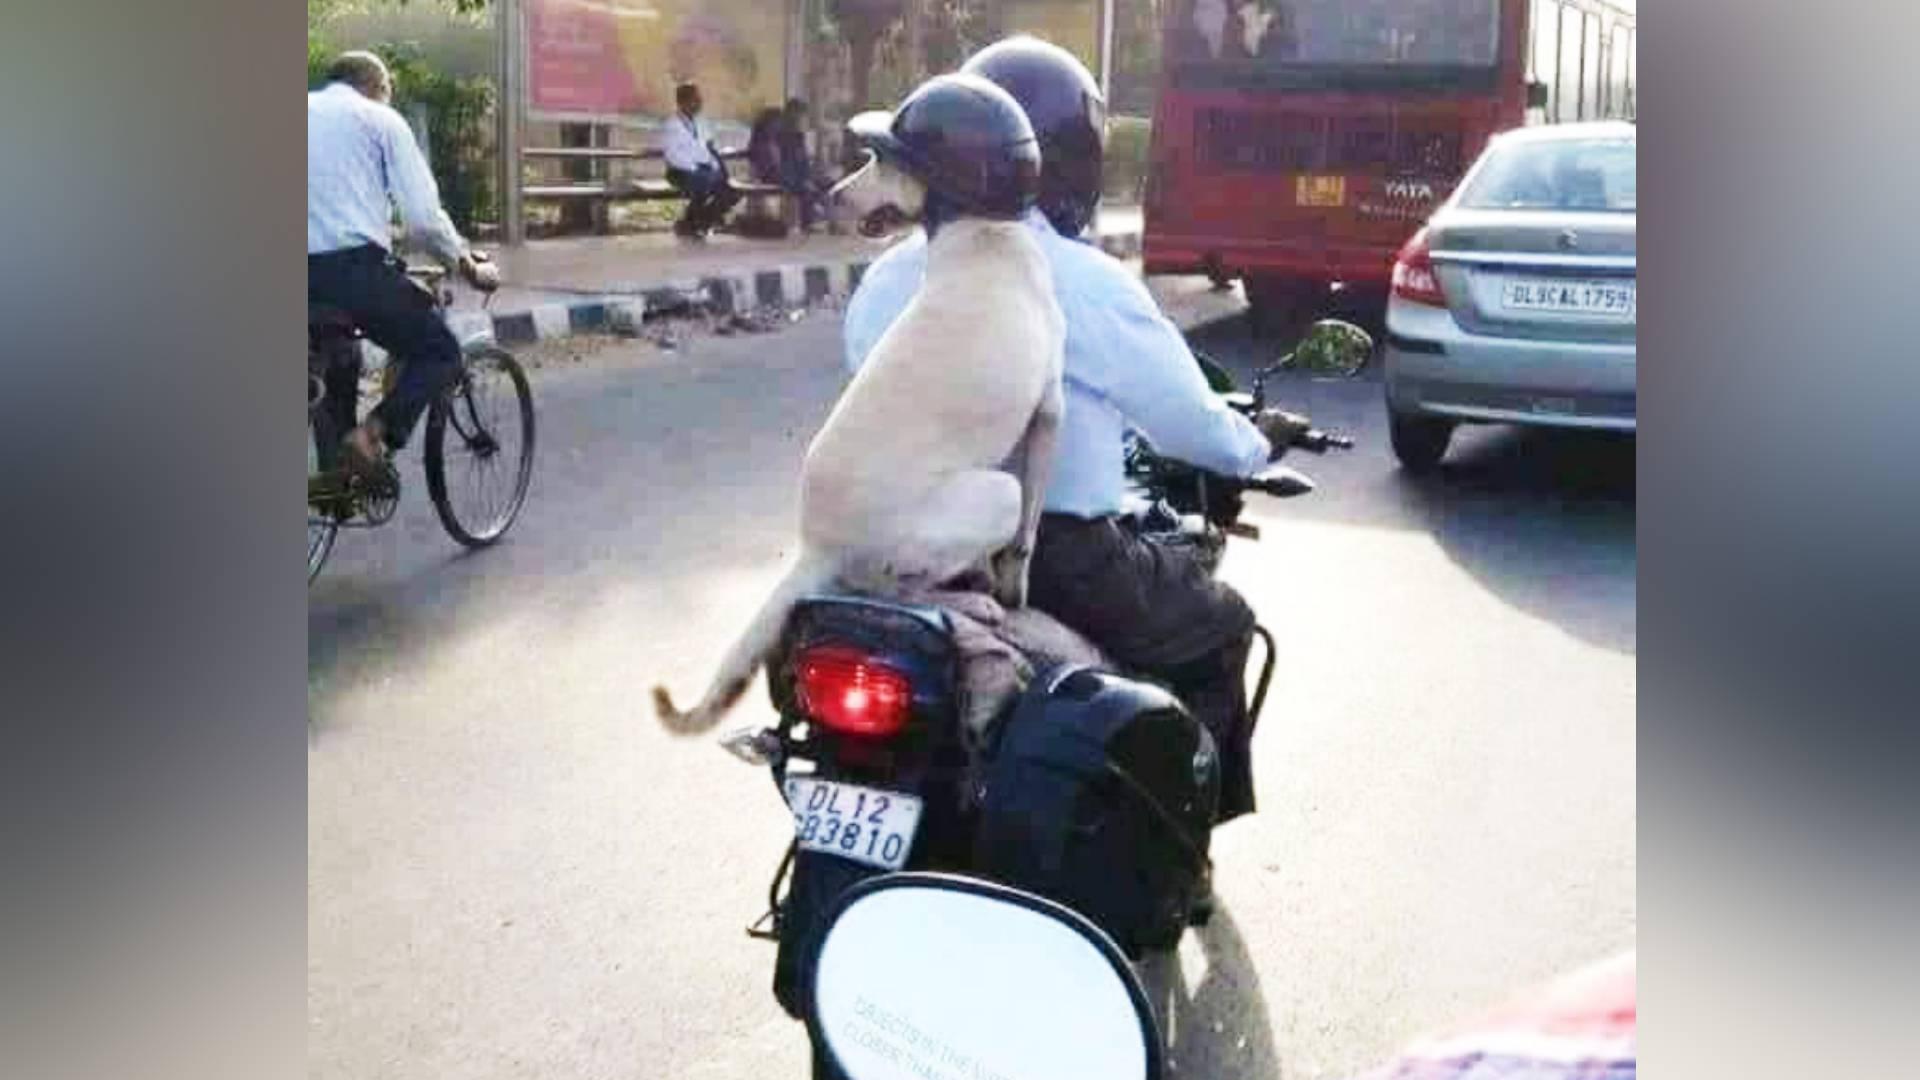 जानवरों में भी चालान का खौफ, बाइक सवार ने अपने कुत्ते को पहनाया हेलमेट, सोशल मीडिया पर तस्वीर हुई वायरल